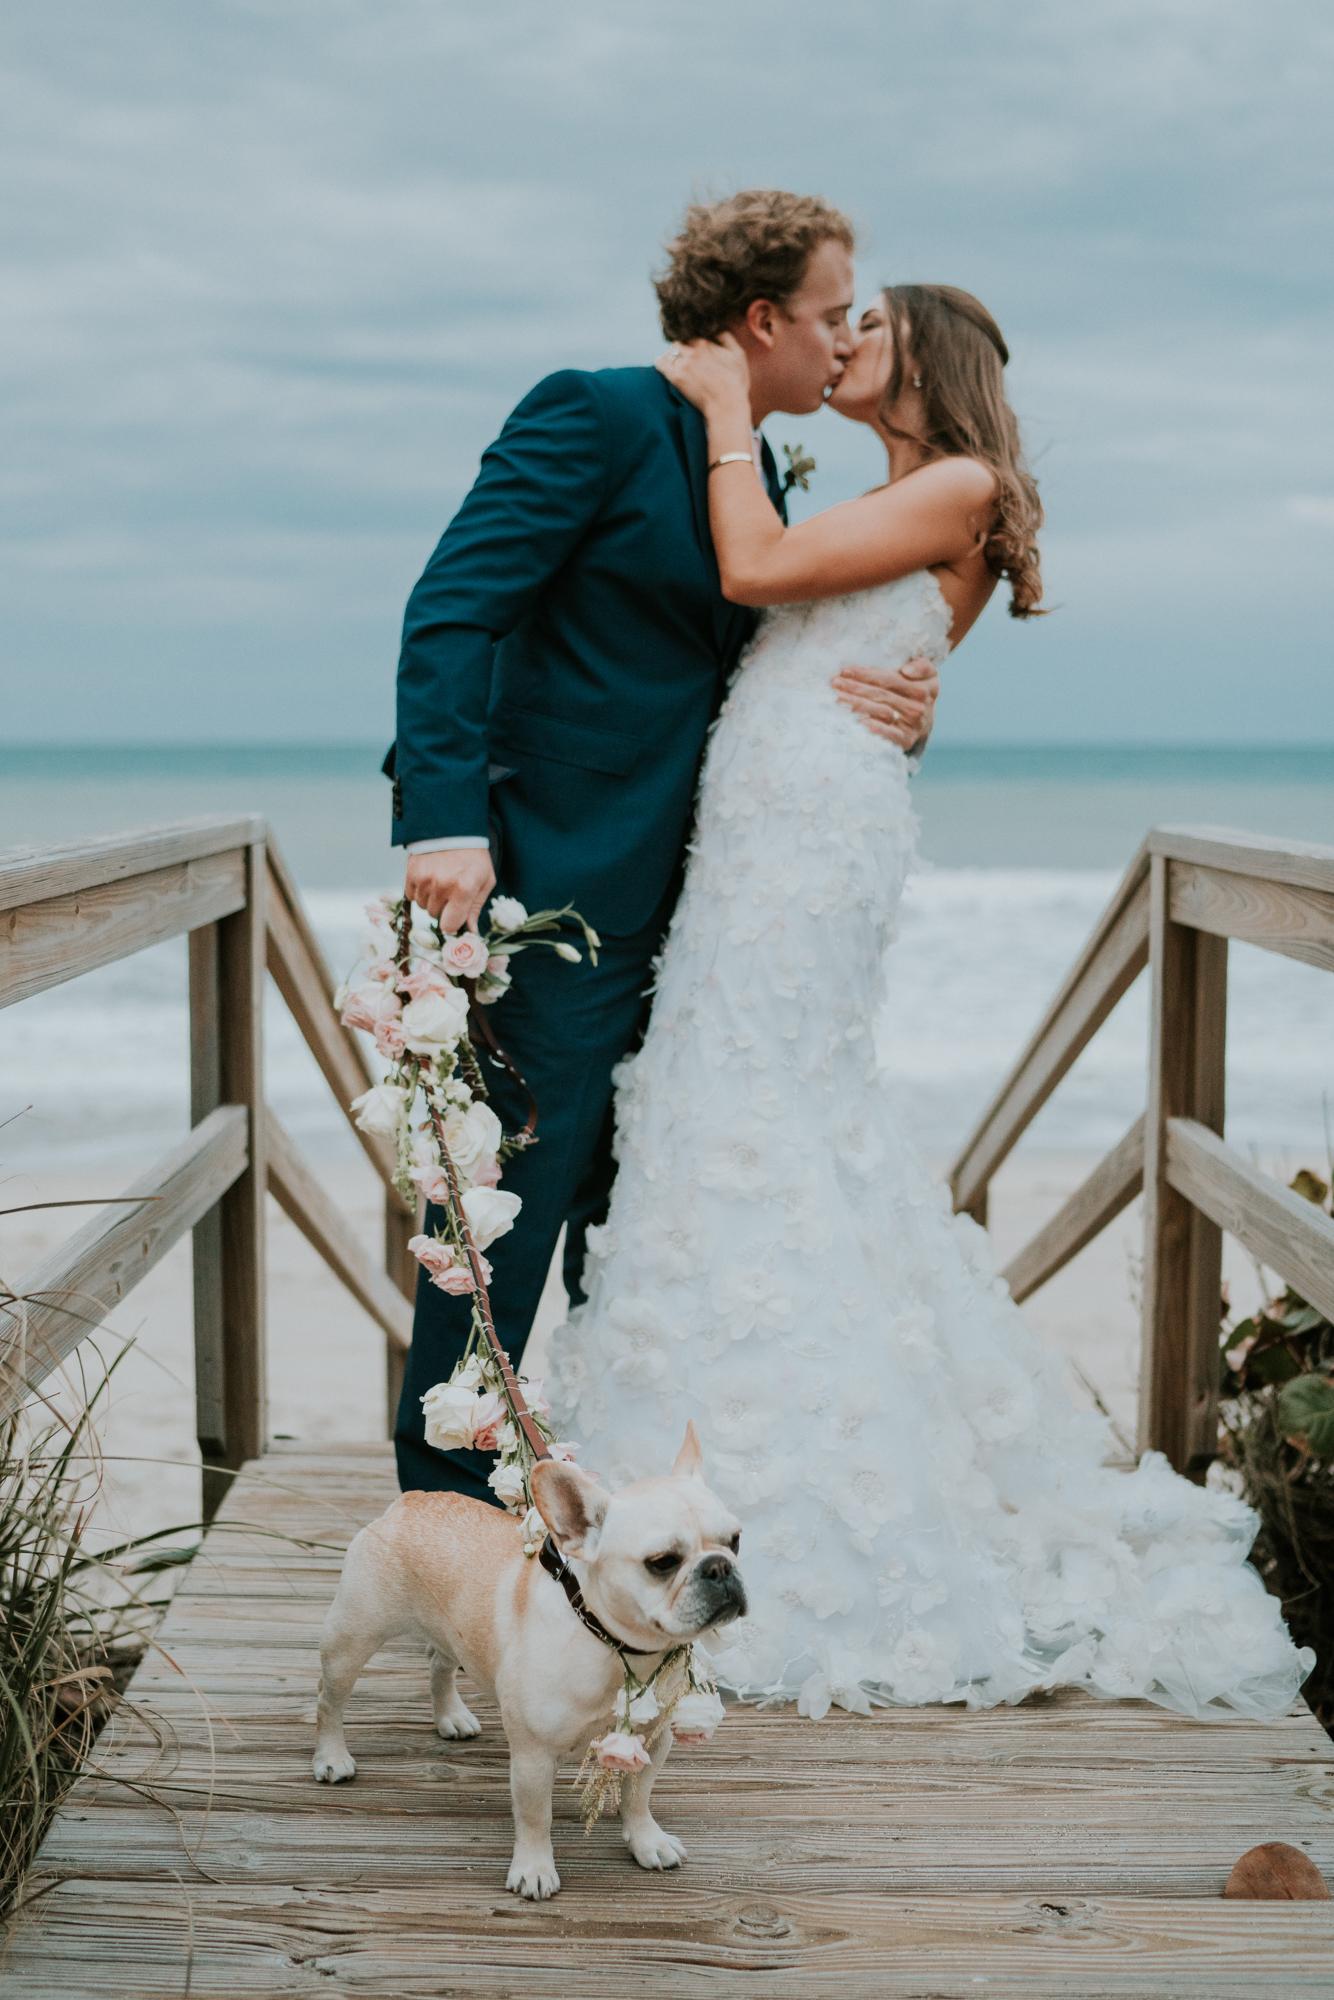 Hailey & Kyle Wedding A7r3 (1619 of 2259).jpg